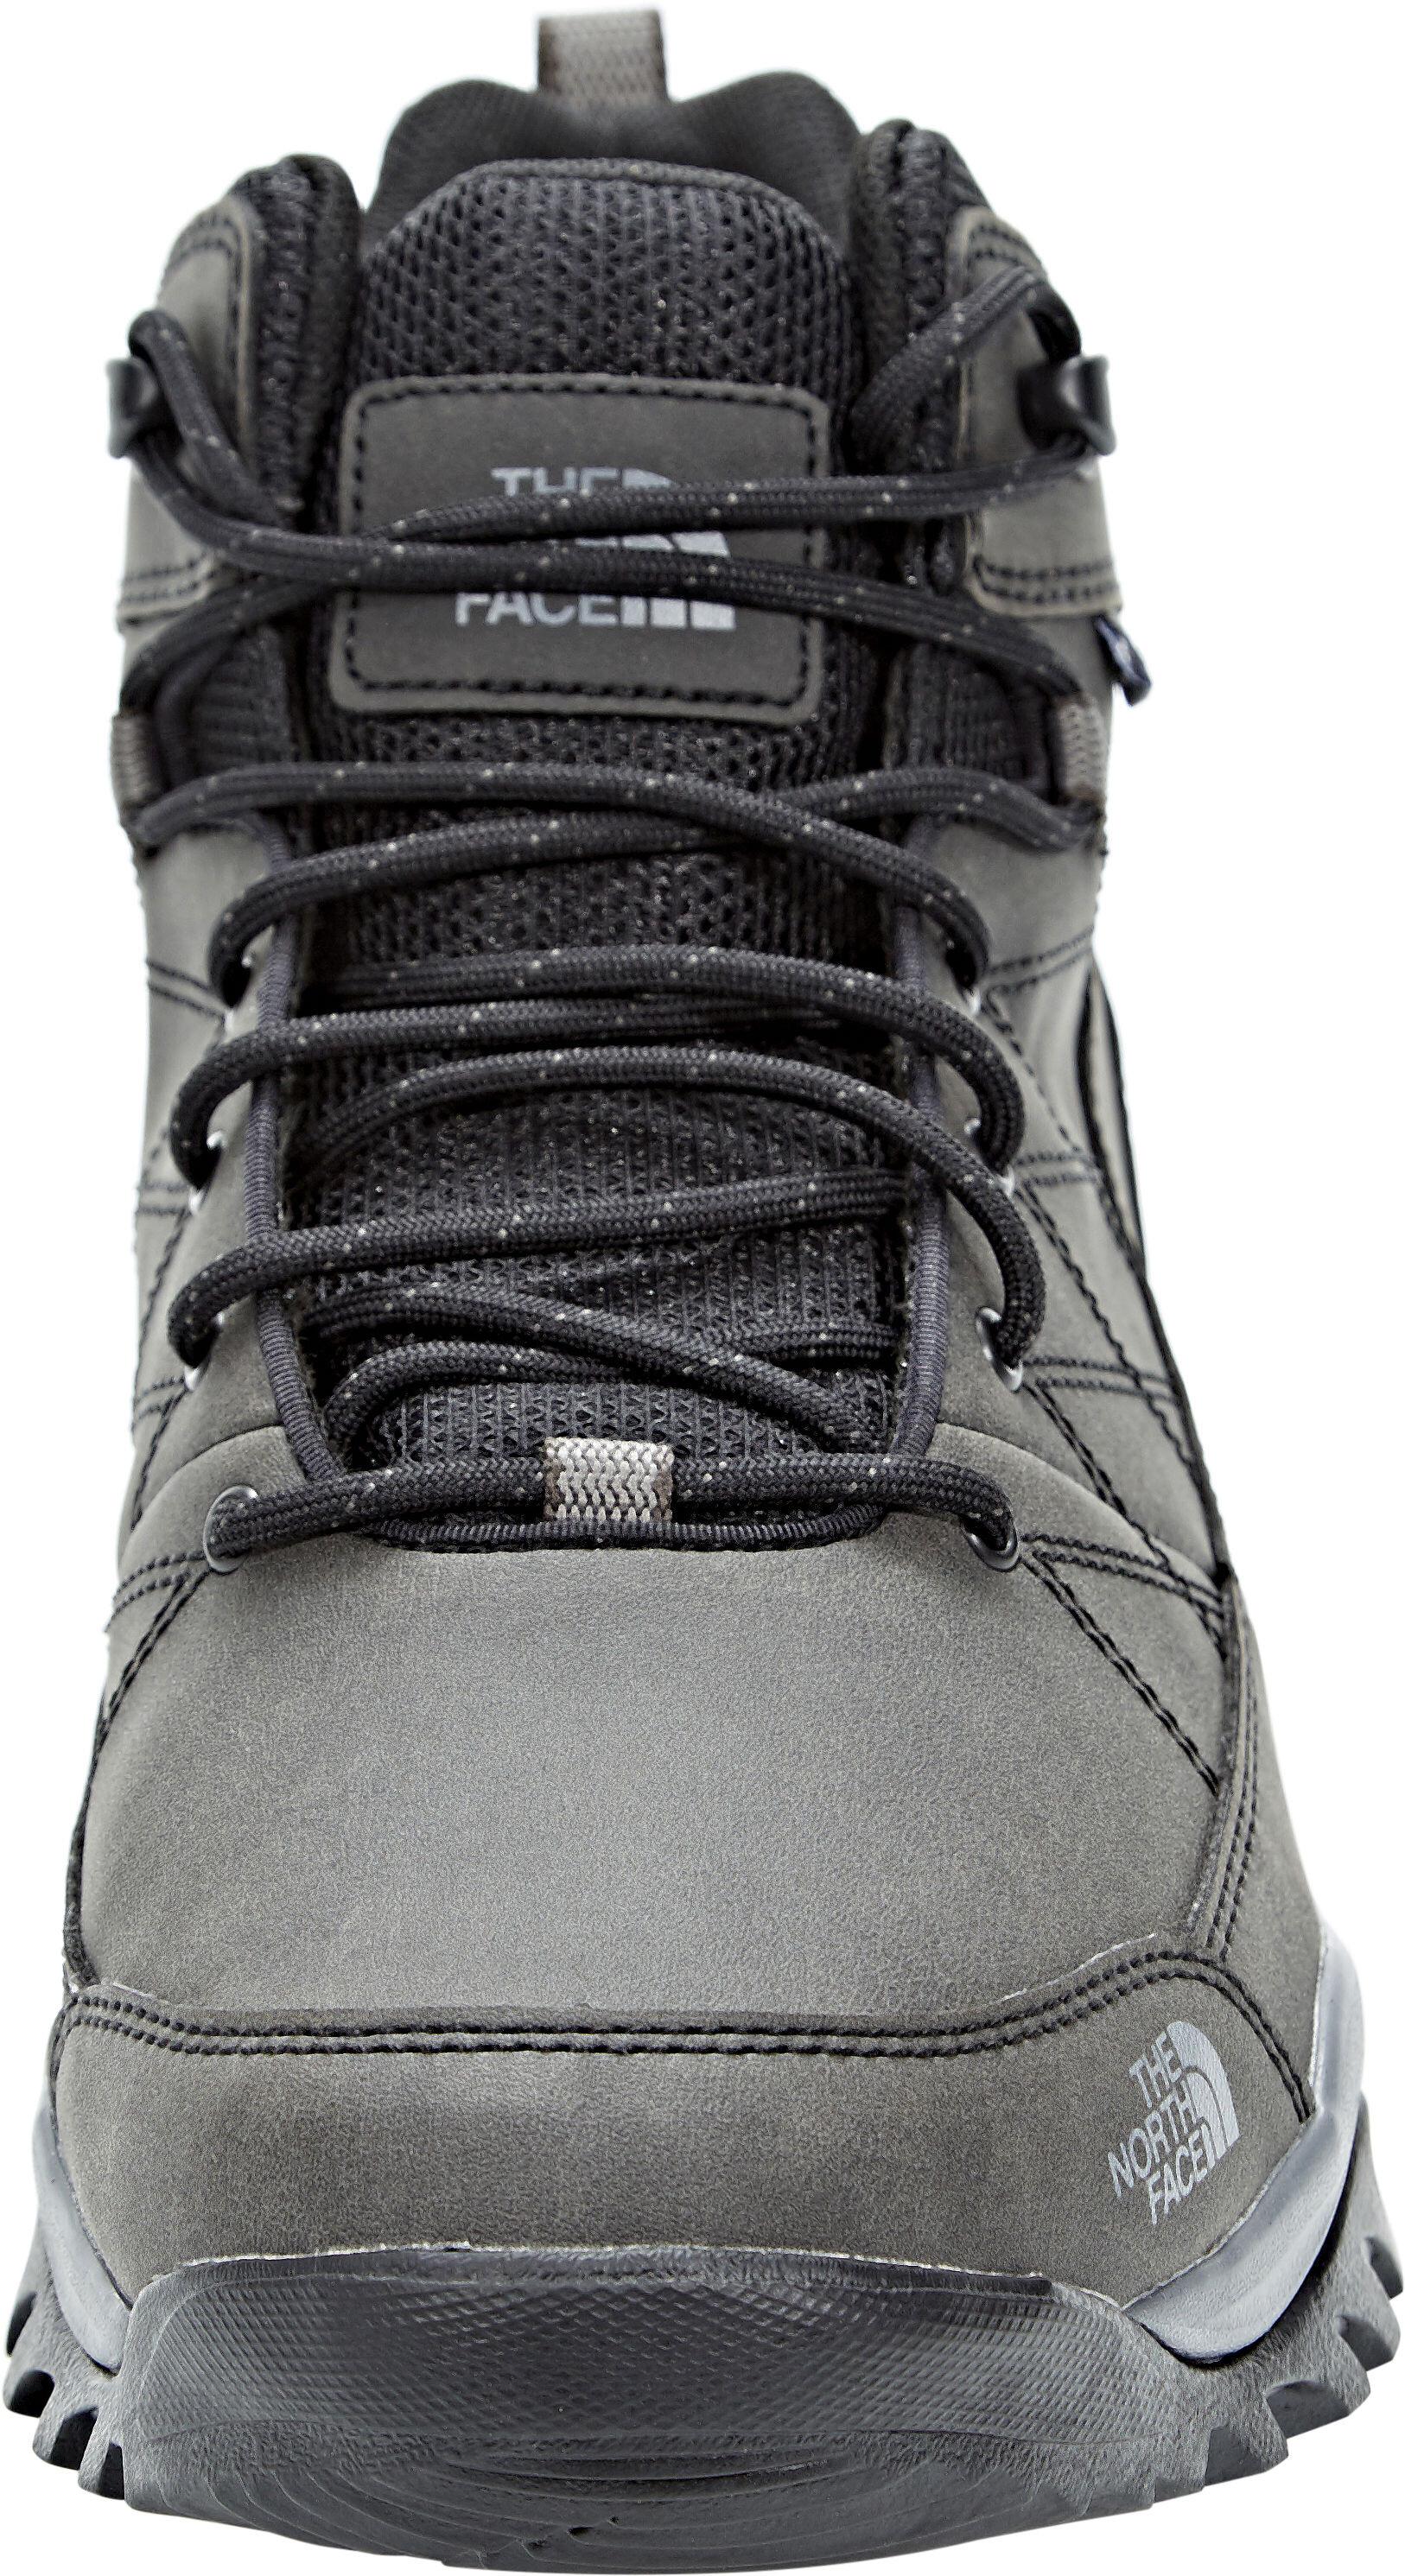 5d27807e5c36 The North Face Storm Strike WP Shoes Men tnf black zinc grey